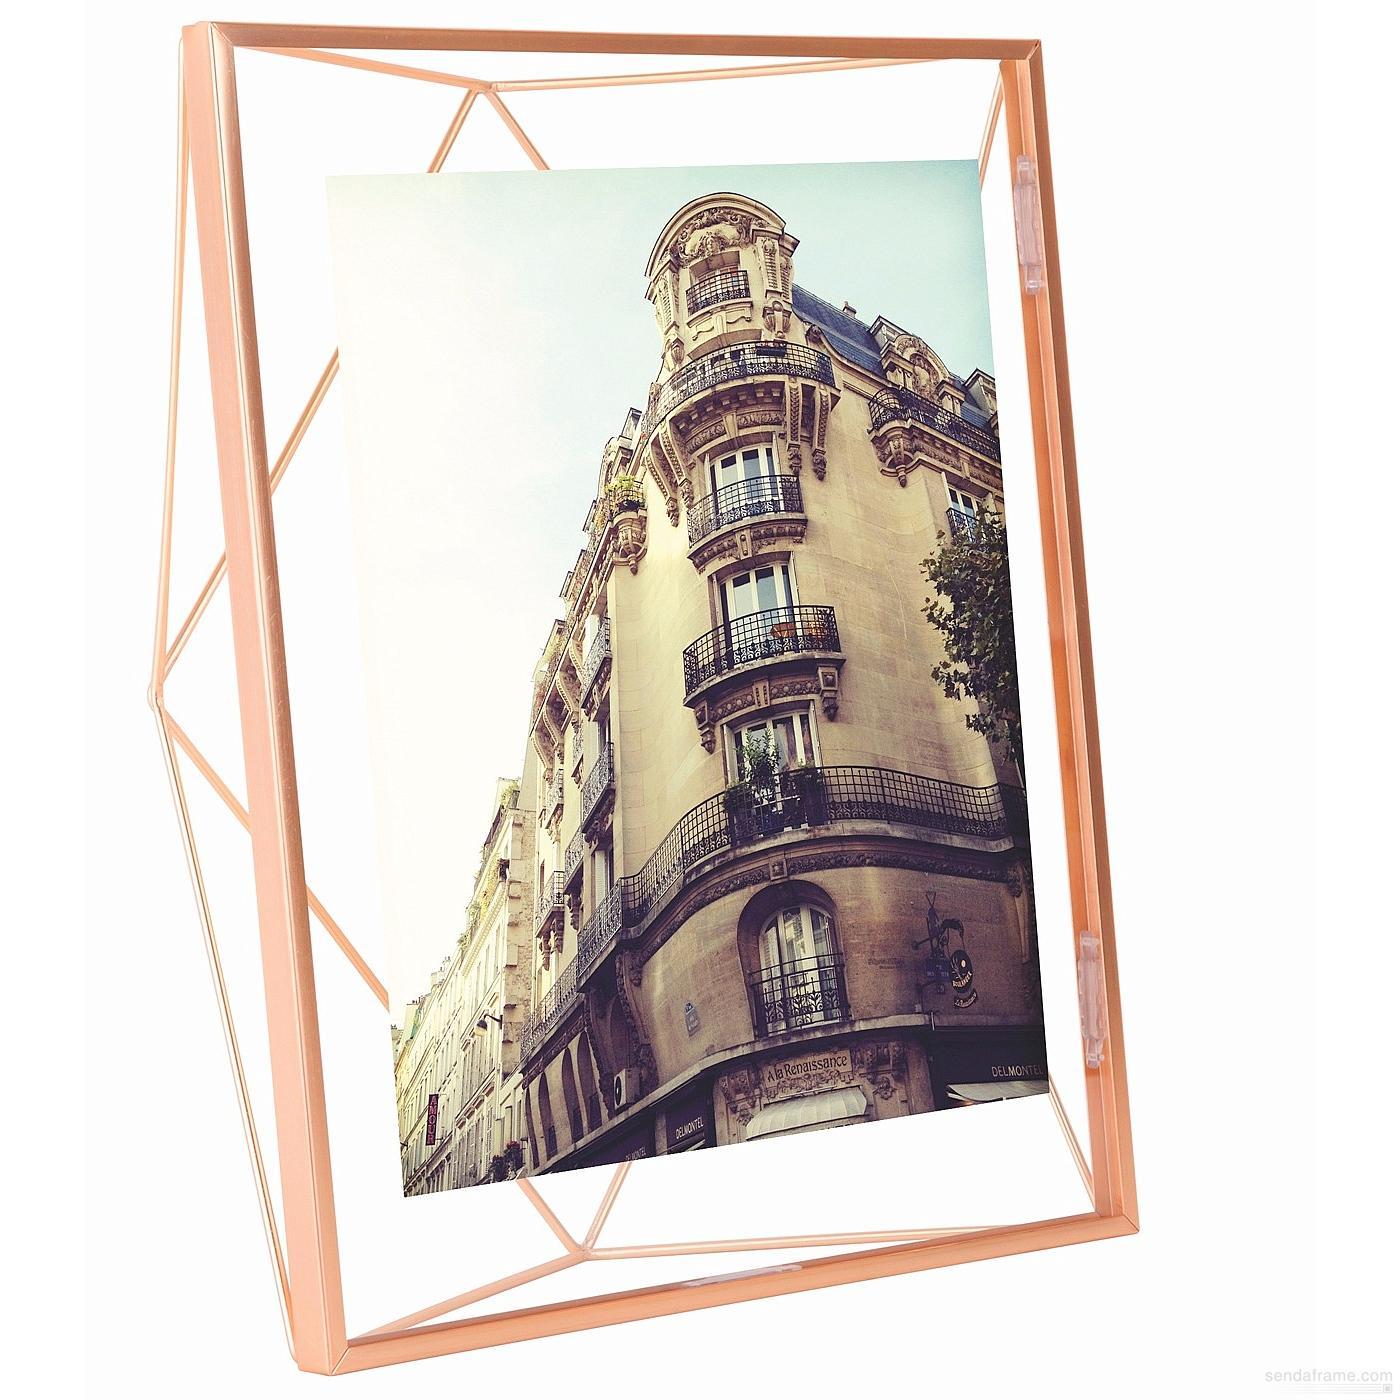 Prisma 8x10 photo display copper